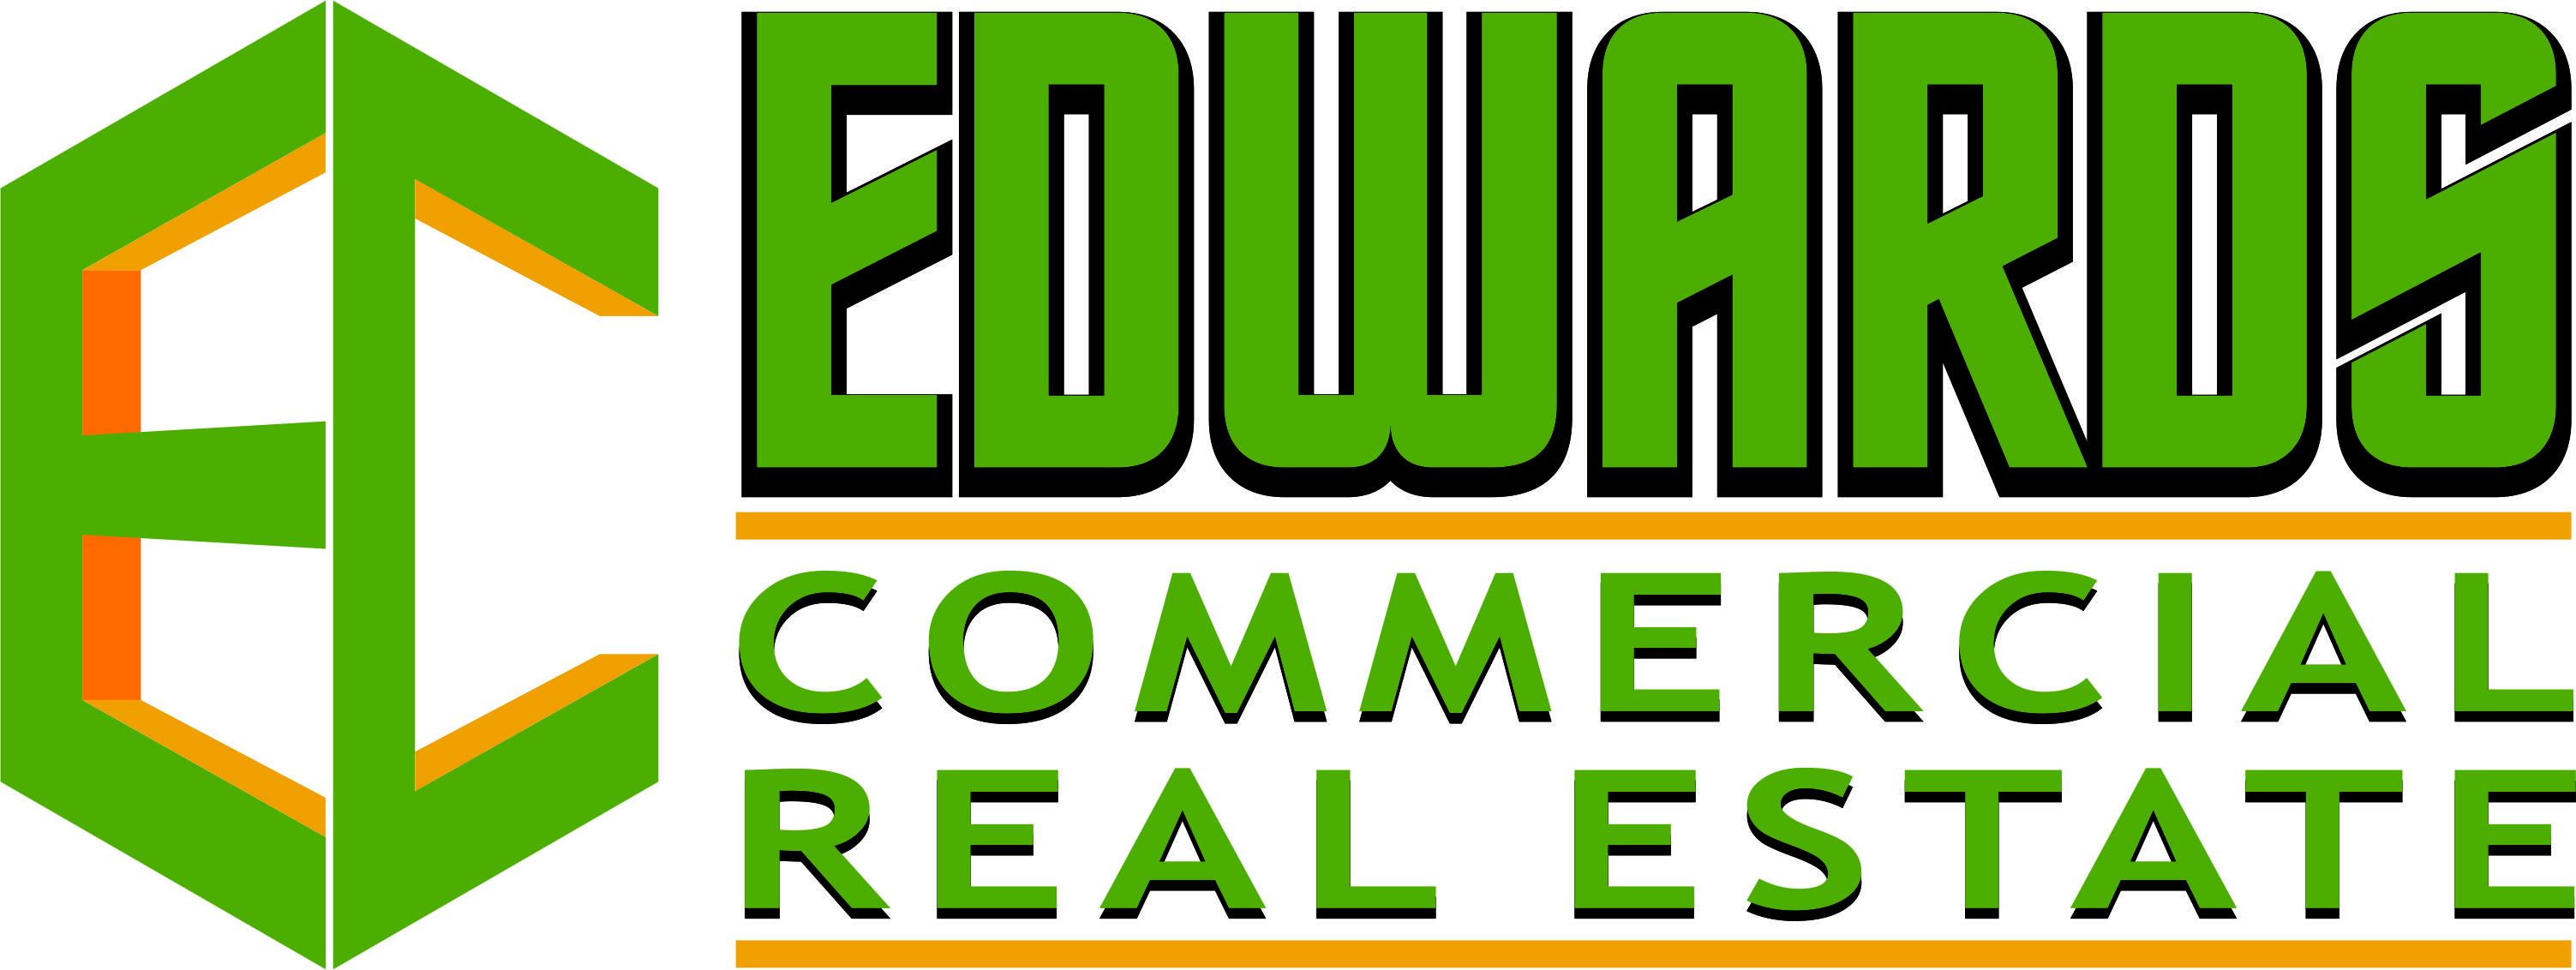 Sponsor Edwards Commercial Real Estate